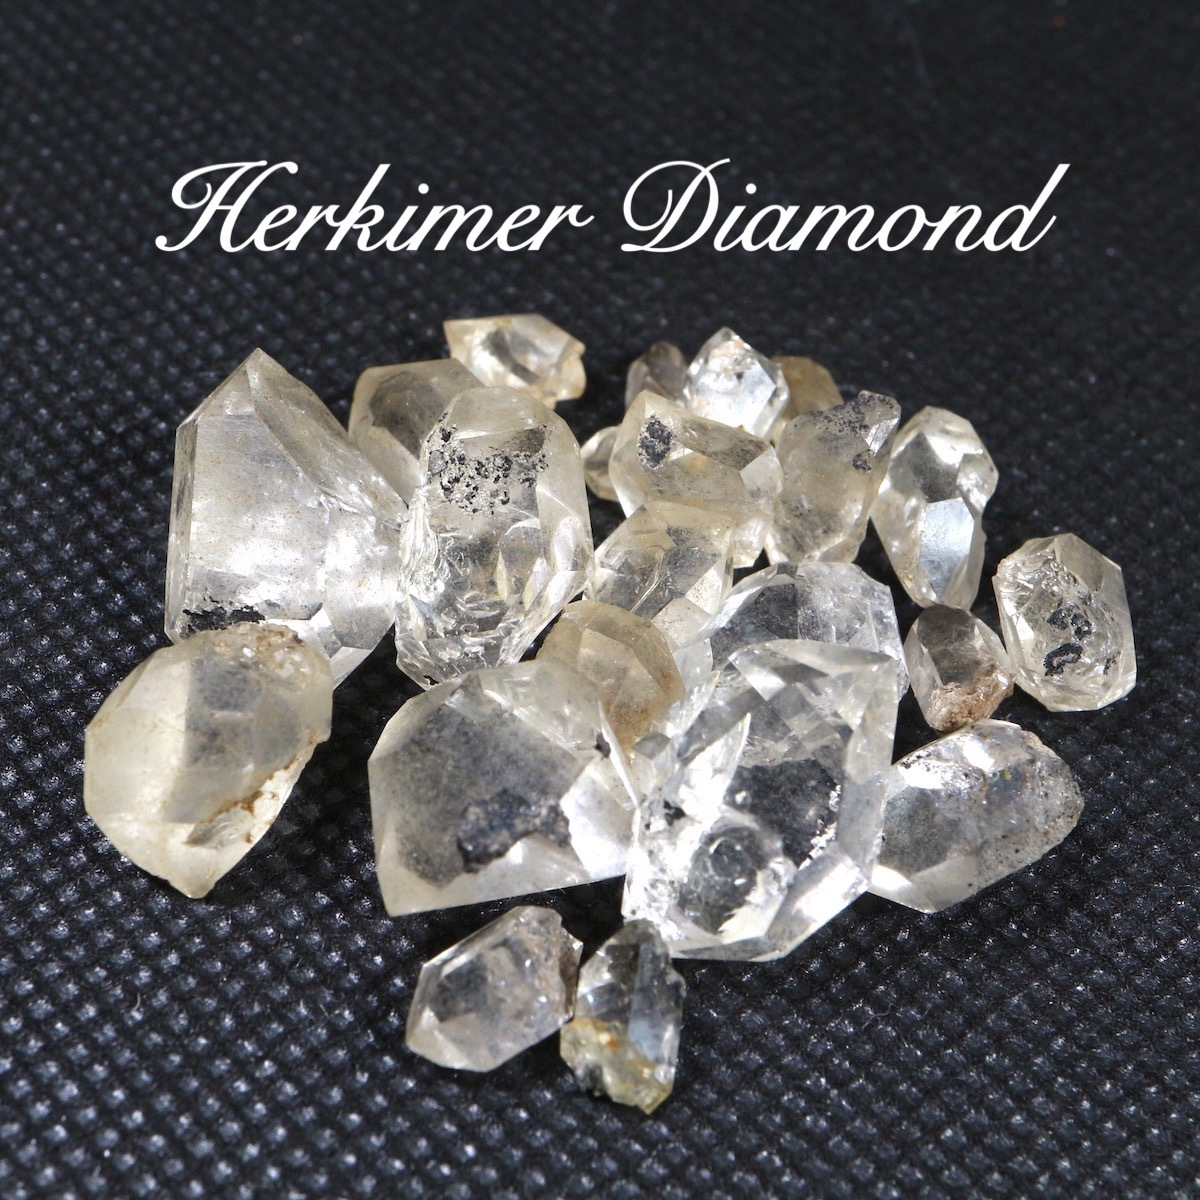 ハーキマーダイヤモンド 水晶 ニューヨーク州産 16,8g HKD001 原石 天然石 鉱物 パワーストーン